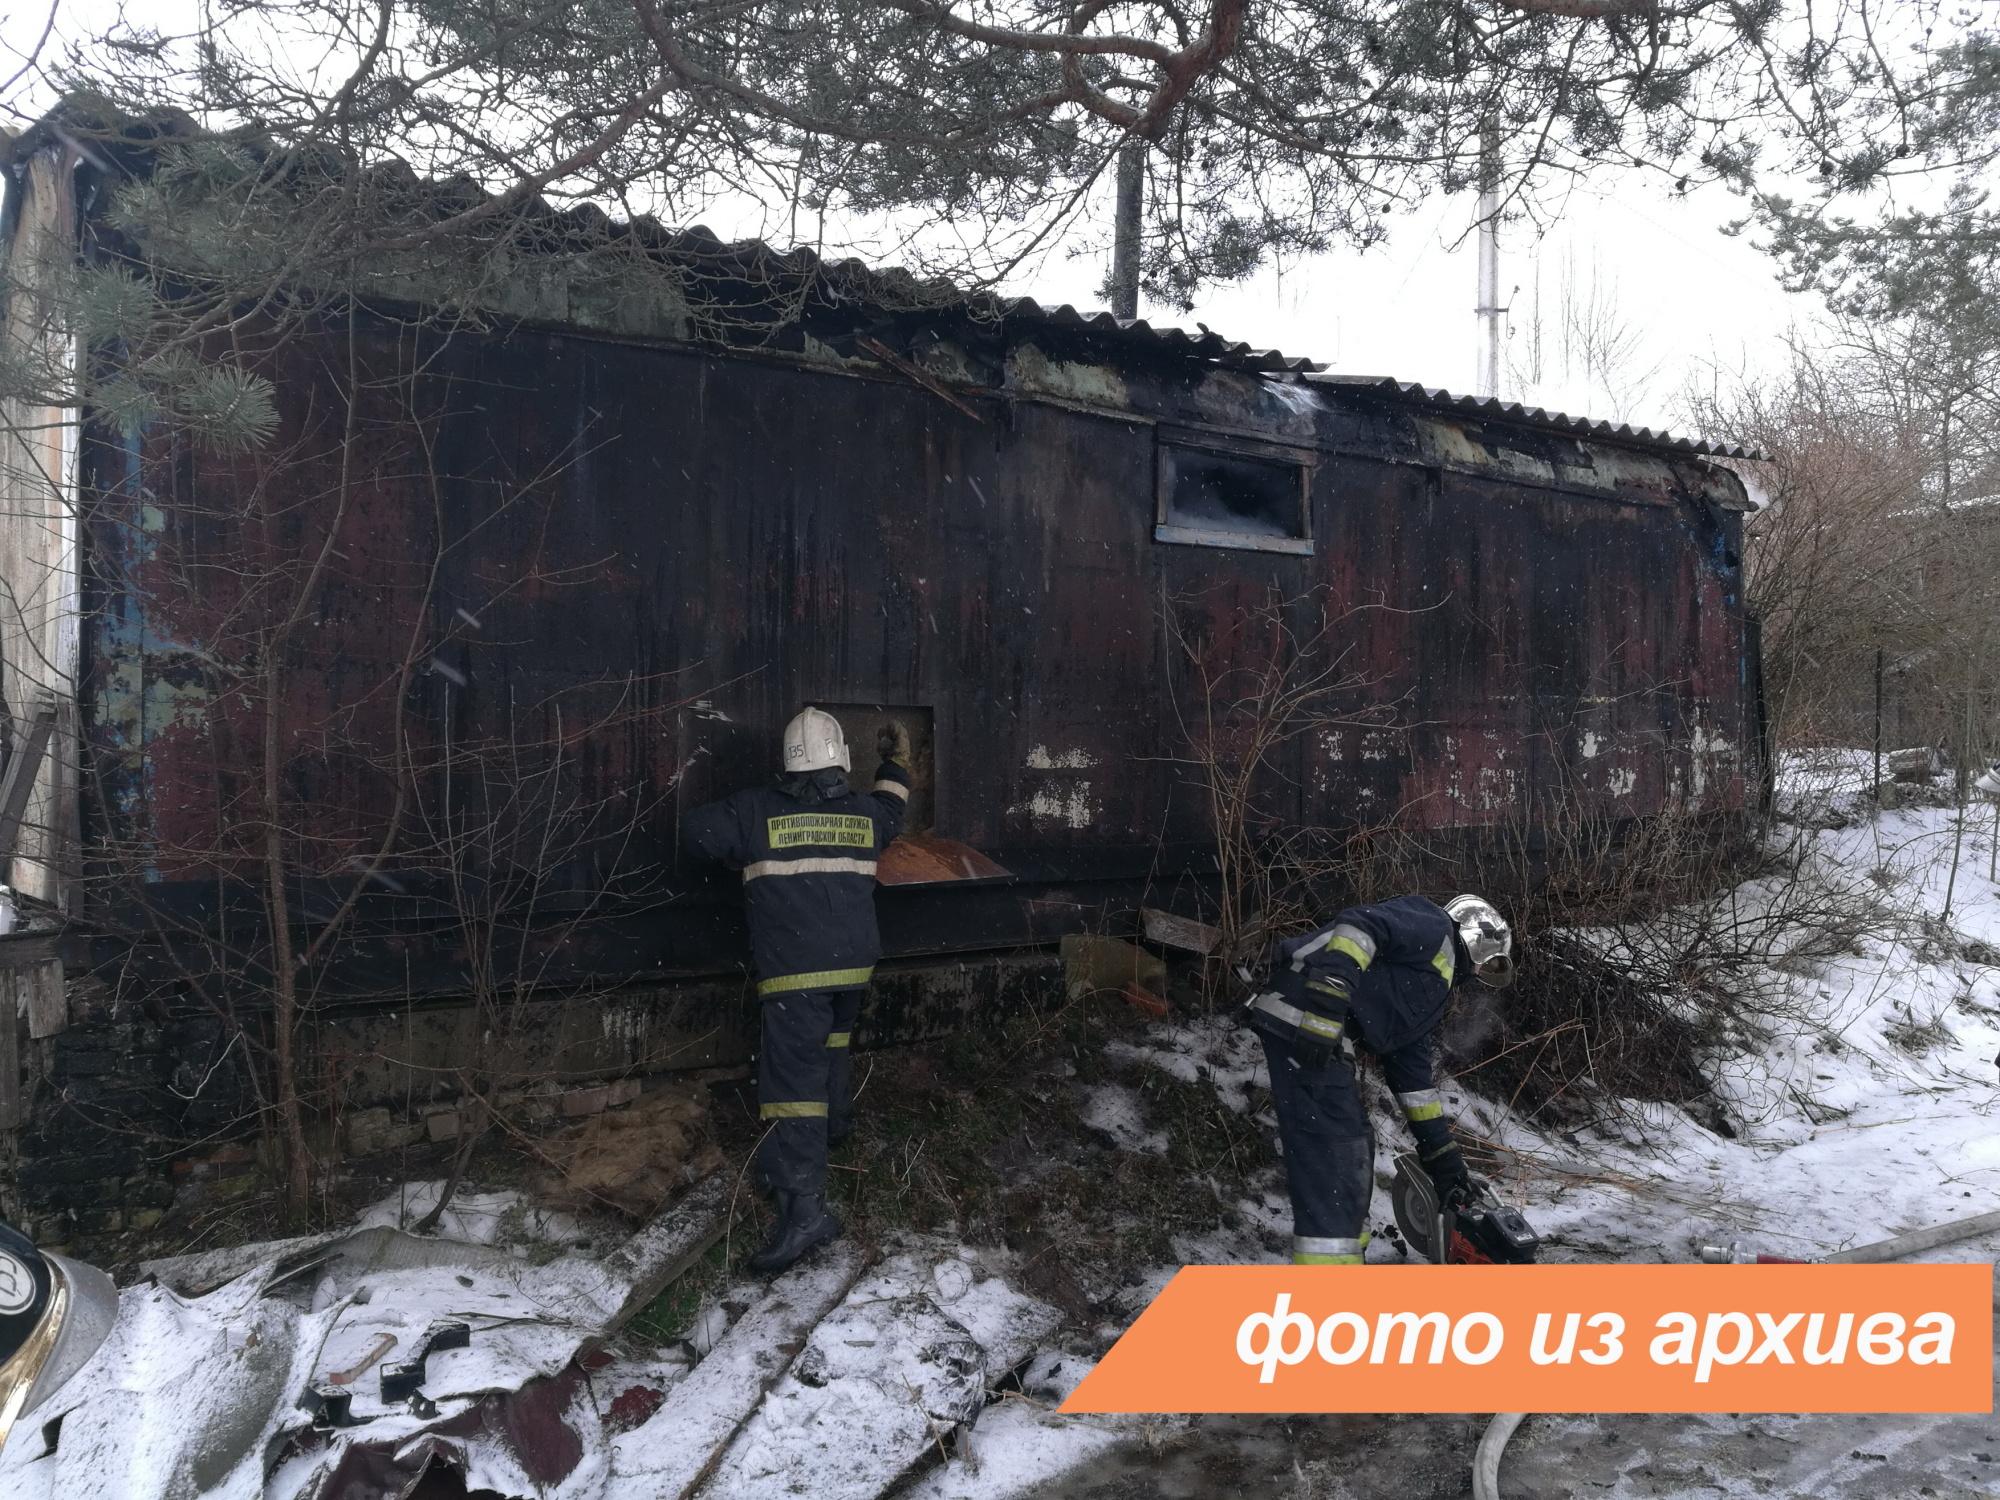 Пожарно-спасательные подразделения ликвидировали пожар в городе Мурино